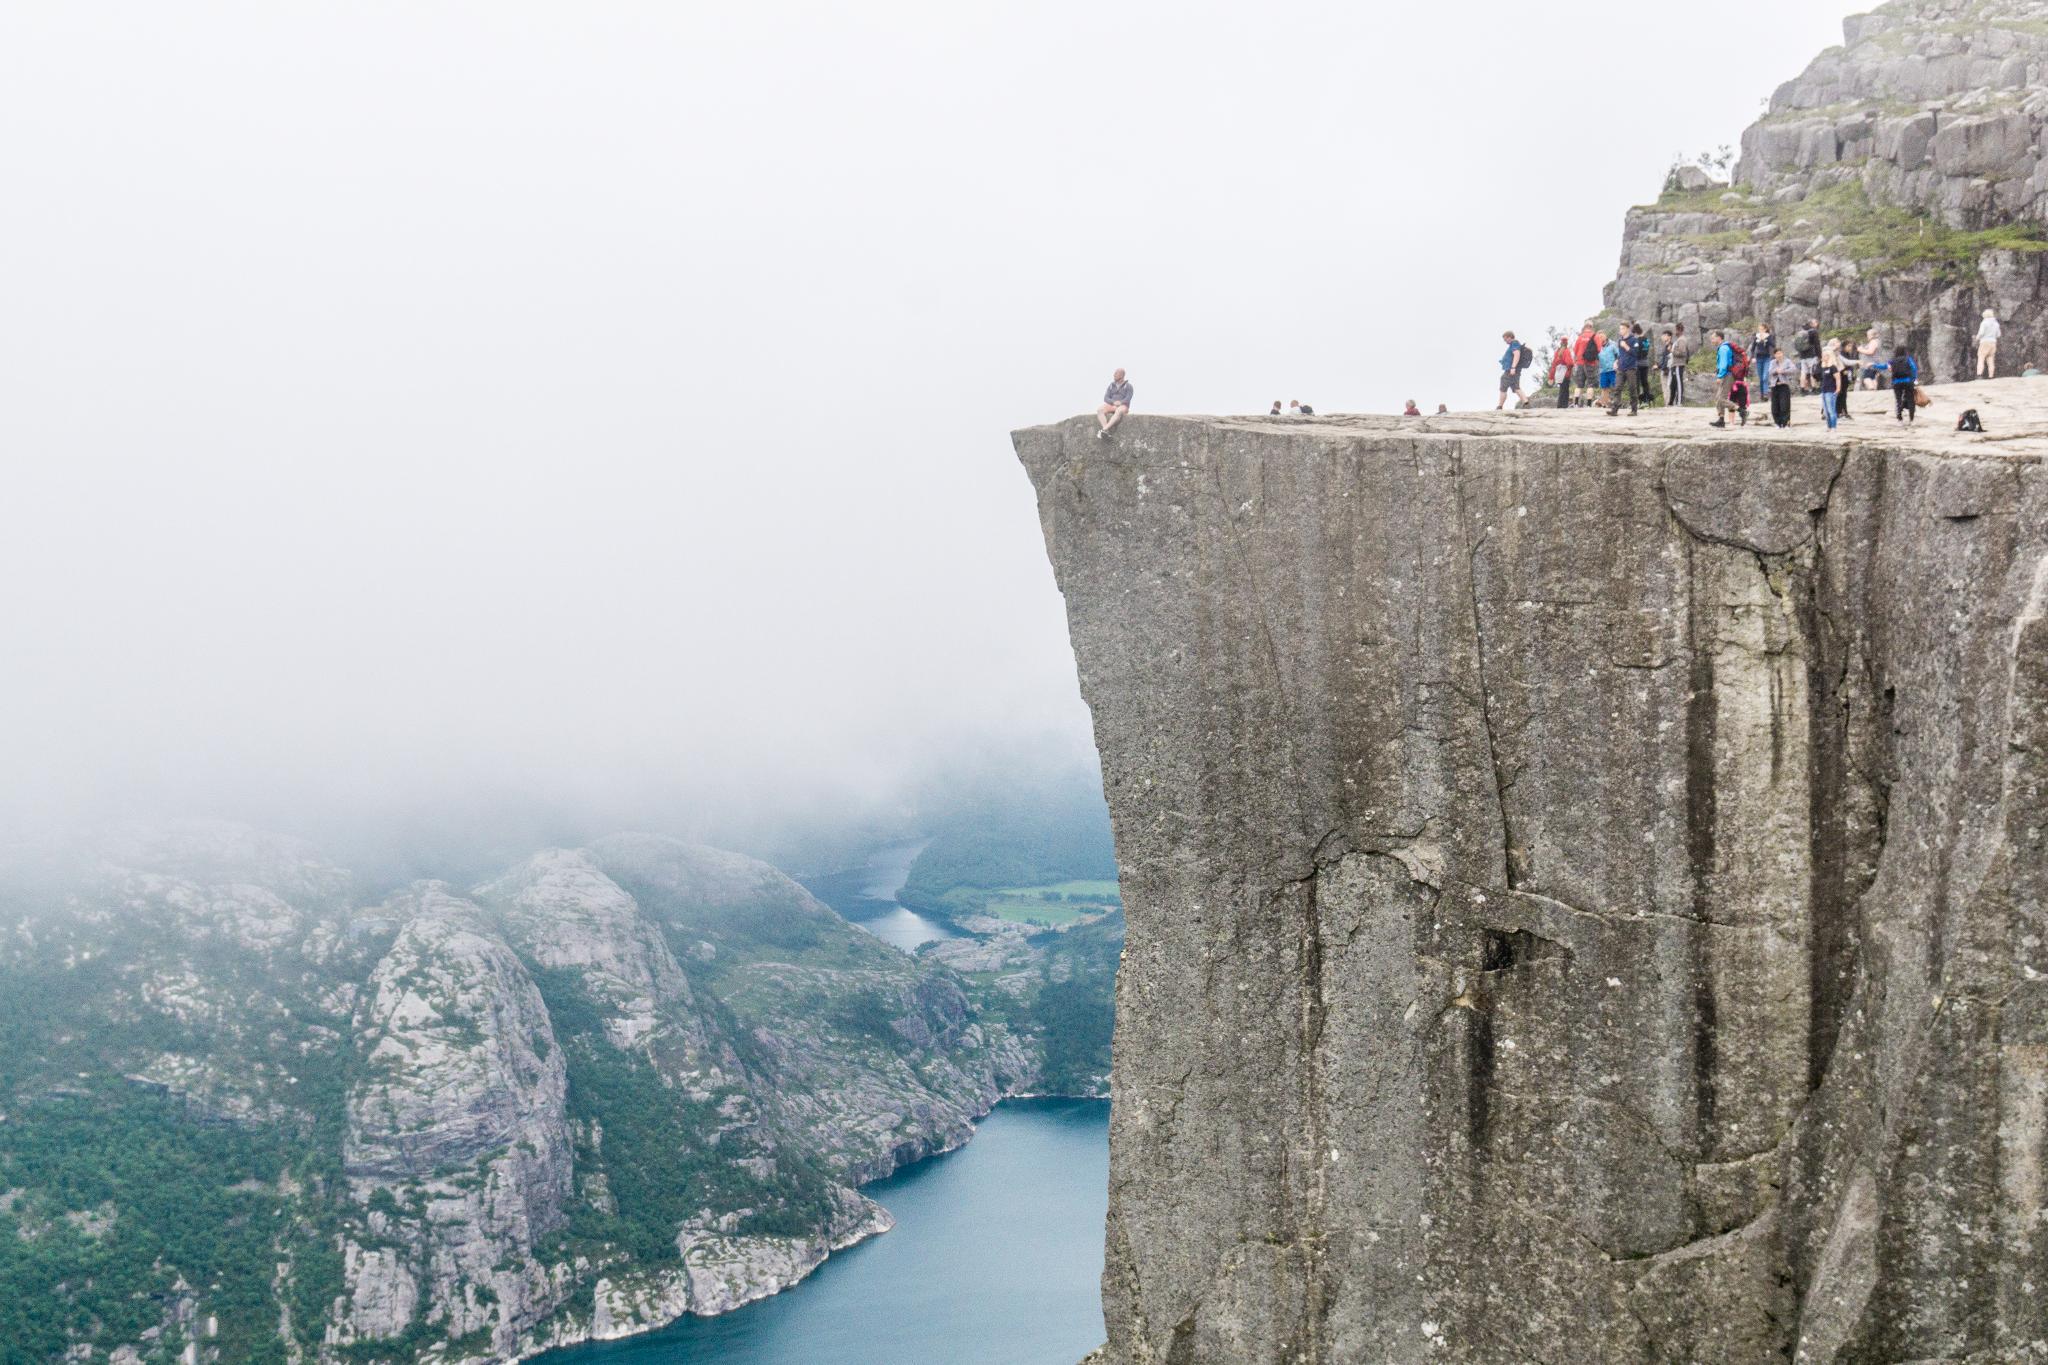 【北歐景點】朝聖挪威三大奇岩:聖壇岩Preikestolen健行紀錄 21